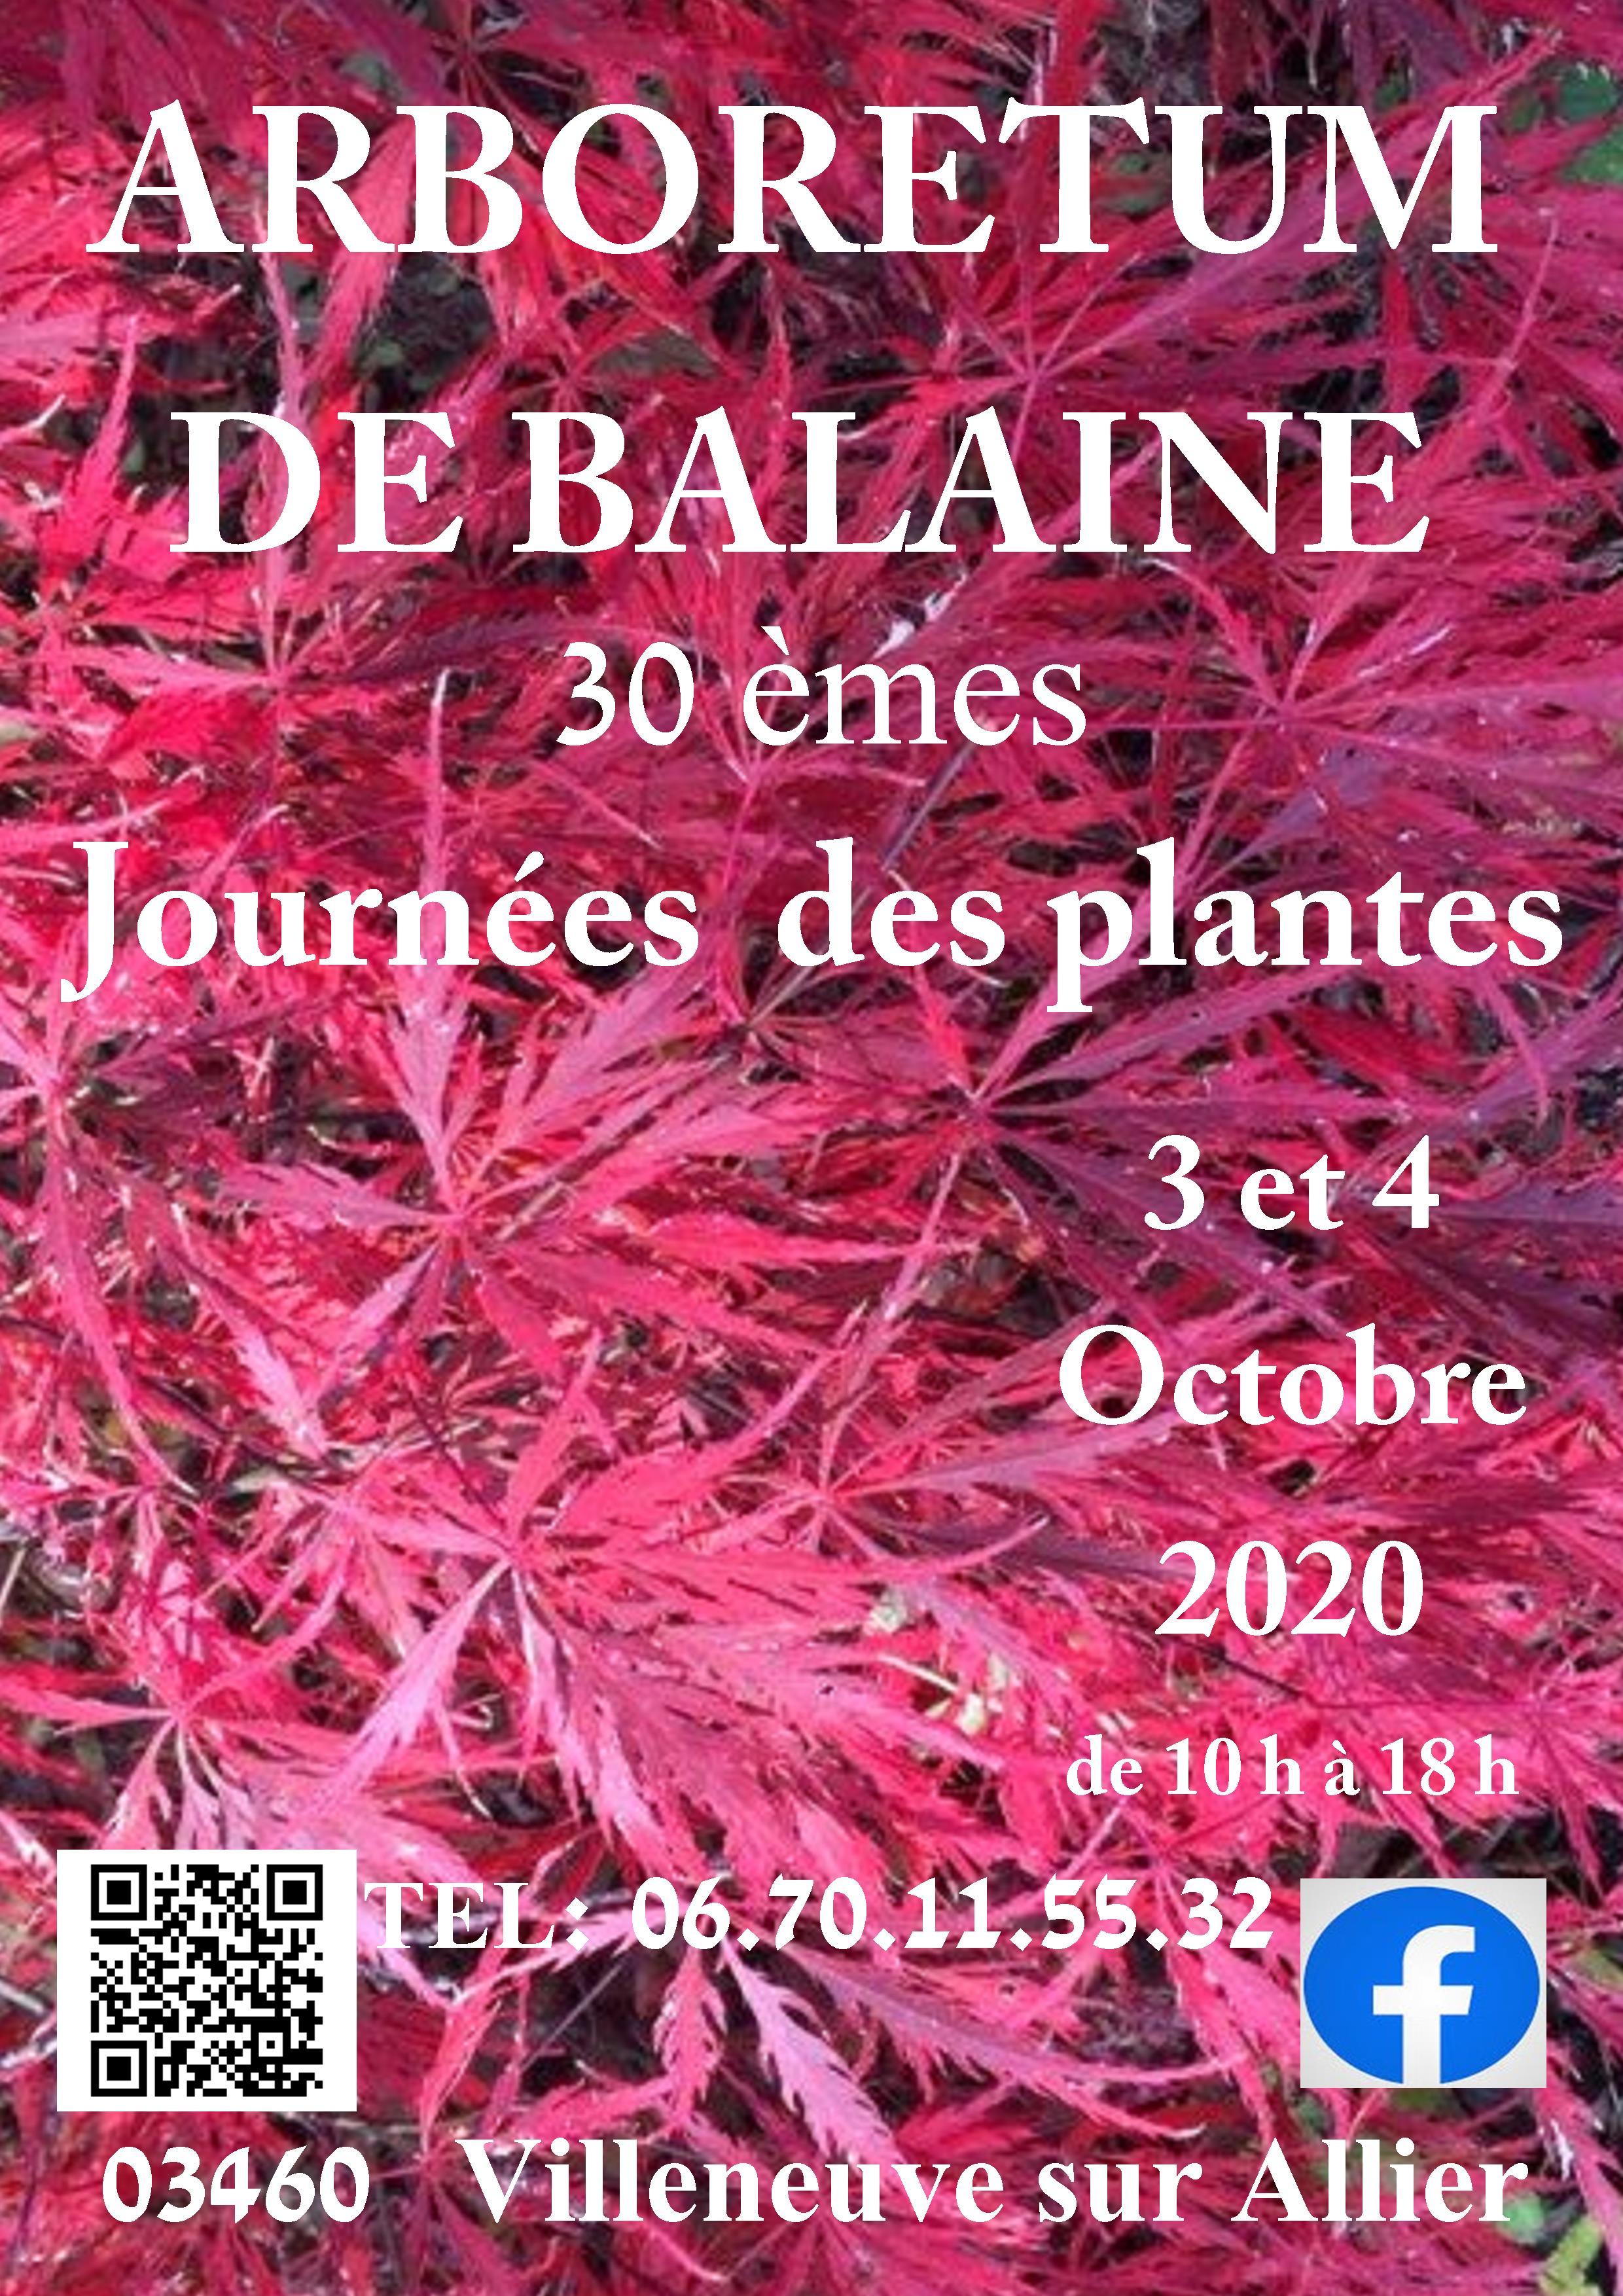 Affiche - Arboretum de Balaine - Fête des Plantes Aglaë Adanson - 3 & 4 octobre 2020